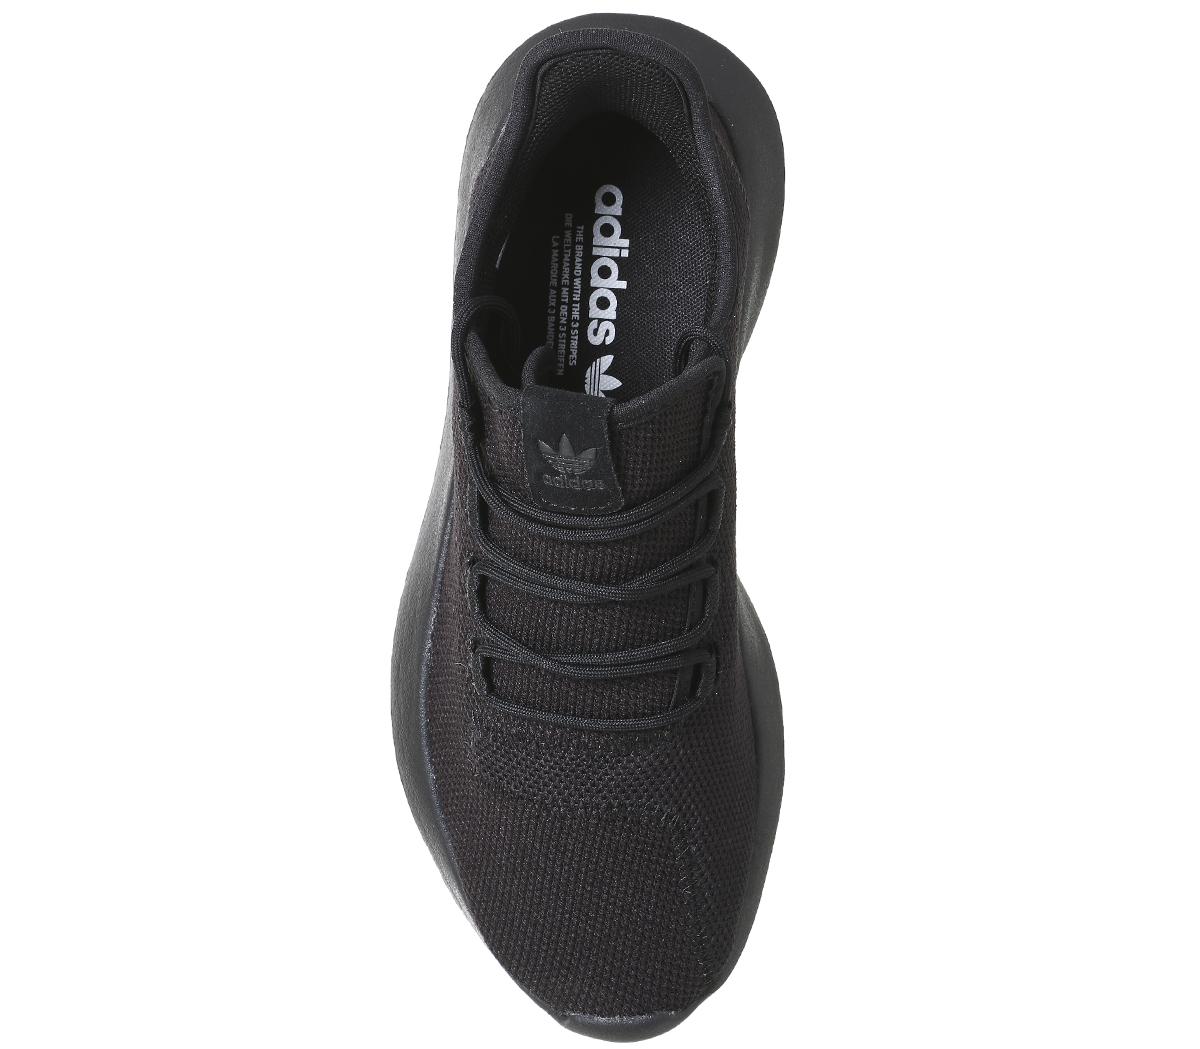 Sentinel Adidas Tubular Shadow BLACK MONO Trainers Shoes cba129495